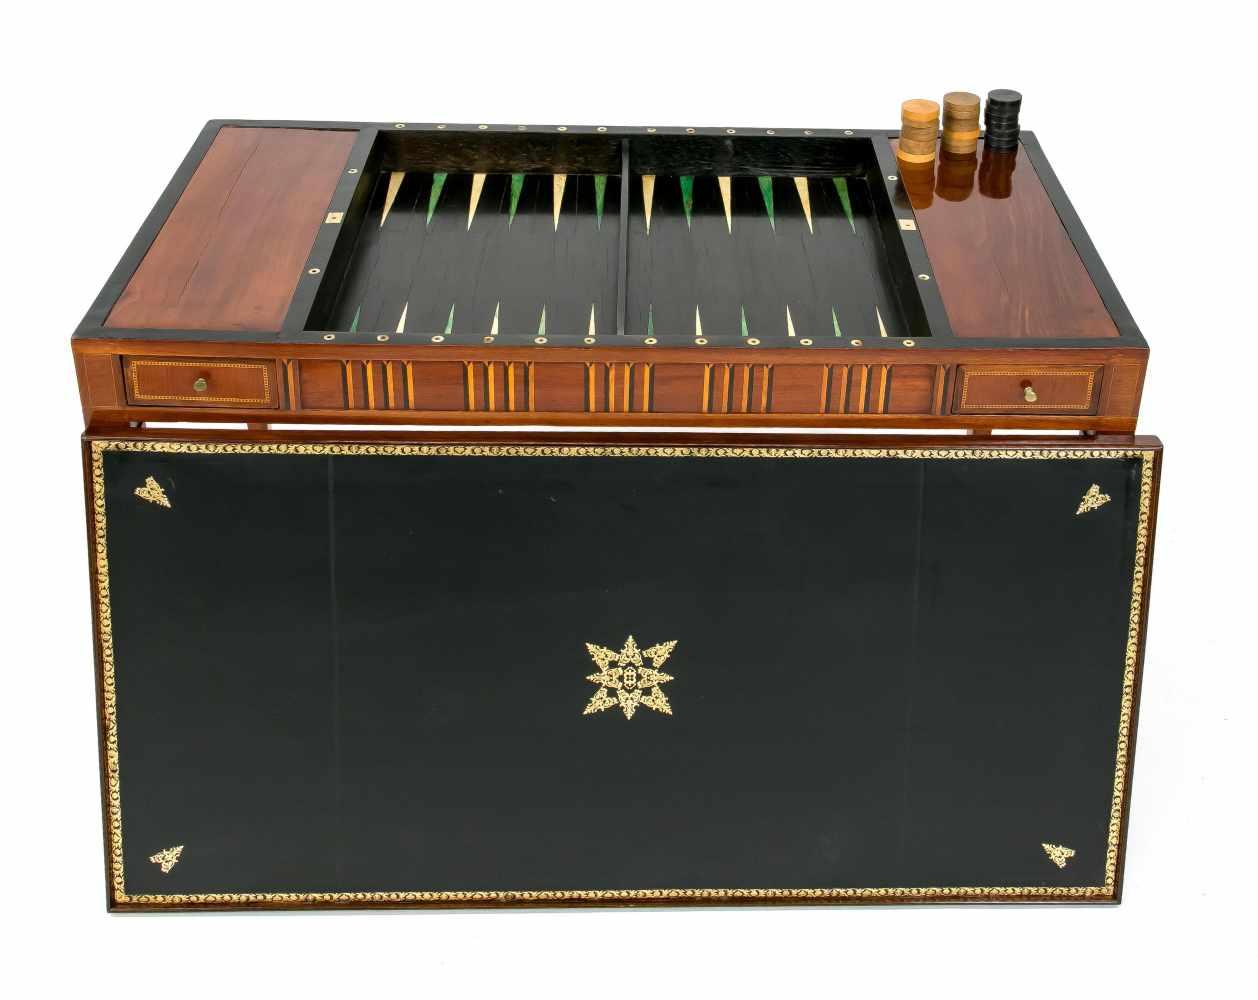 Seltener klassizistischer Spieltisch um 1800, Mahagoni und andere Edelhölzer furniert und - Image 2 of 2